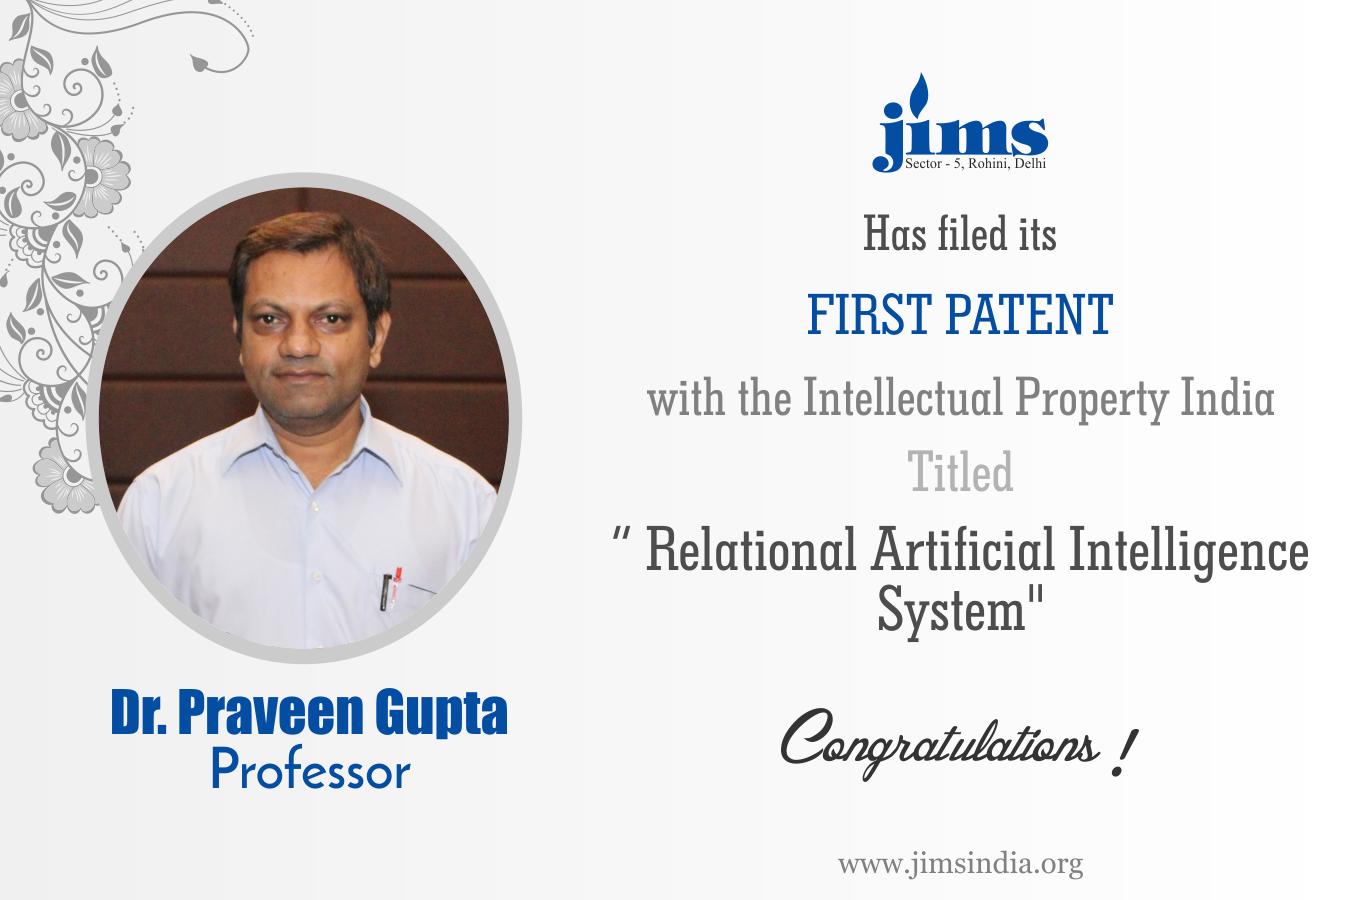 Patent Dr. P K Gupta